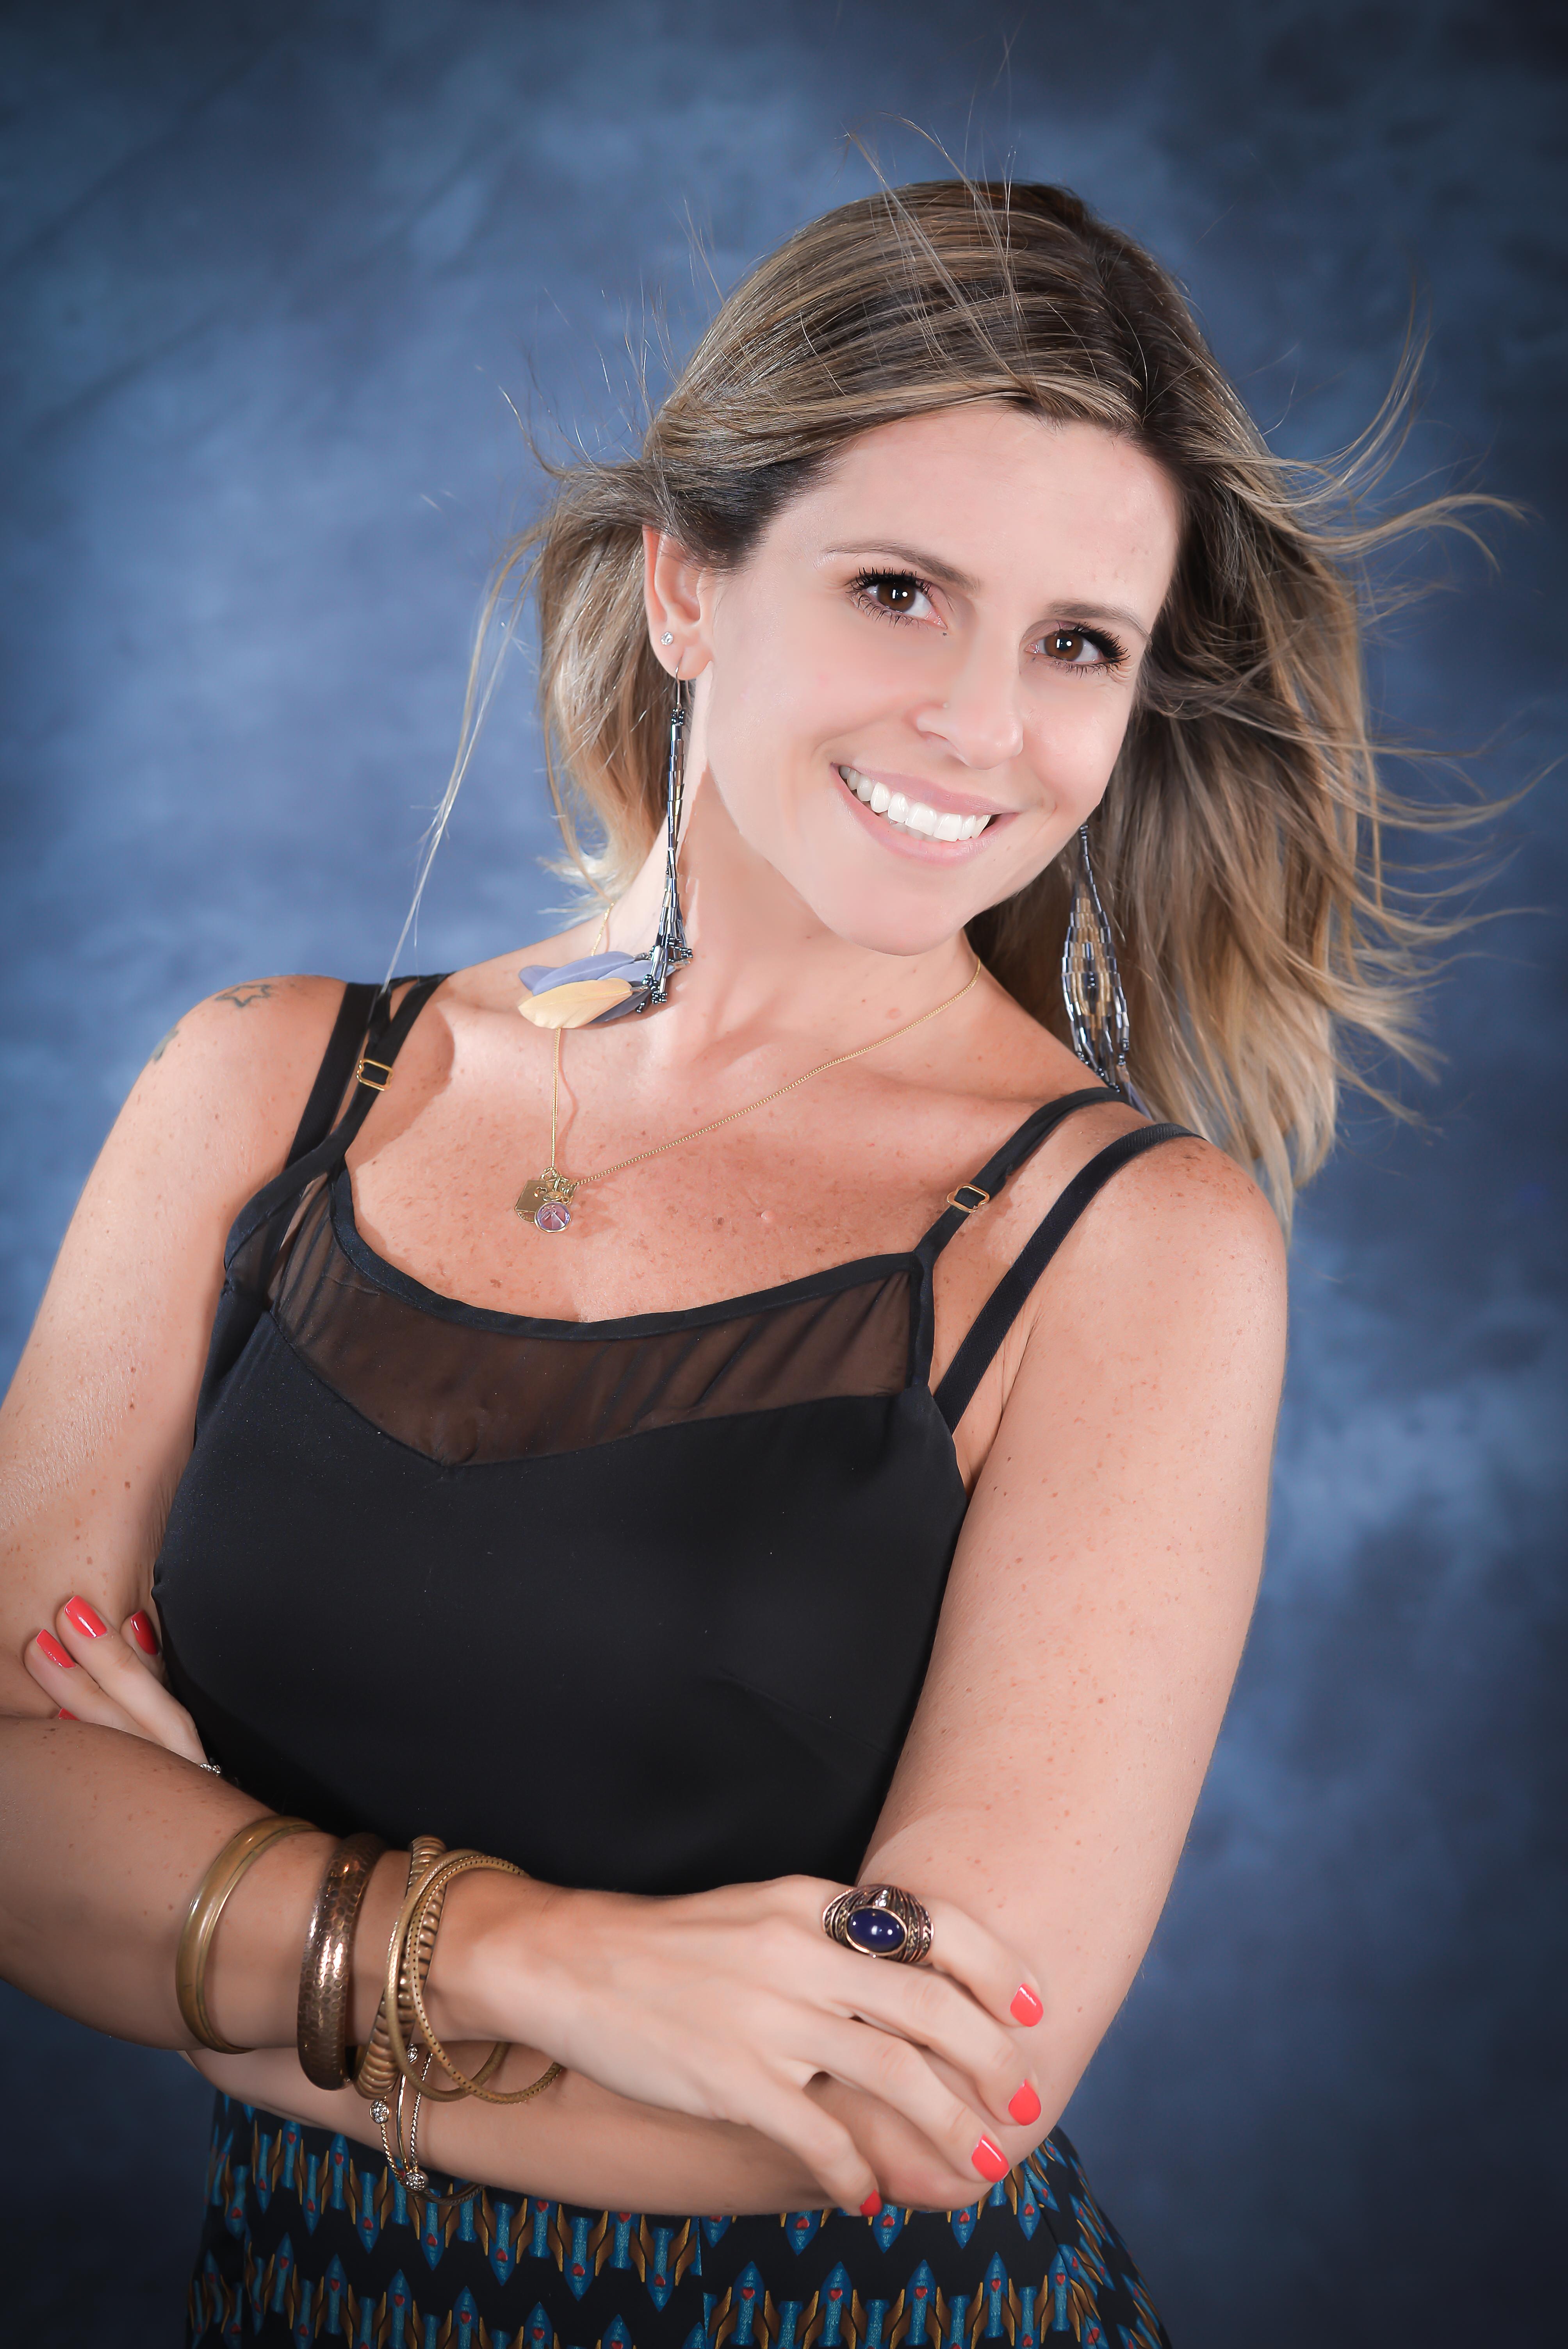 - d1e9e841a89db9f65d8fc433da181c54 - BBL anuncia Giovanna Costa Netto como nova VP Sales